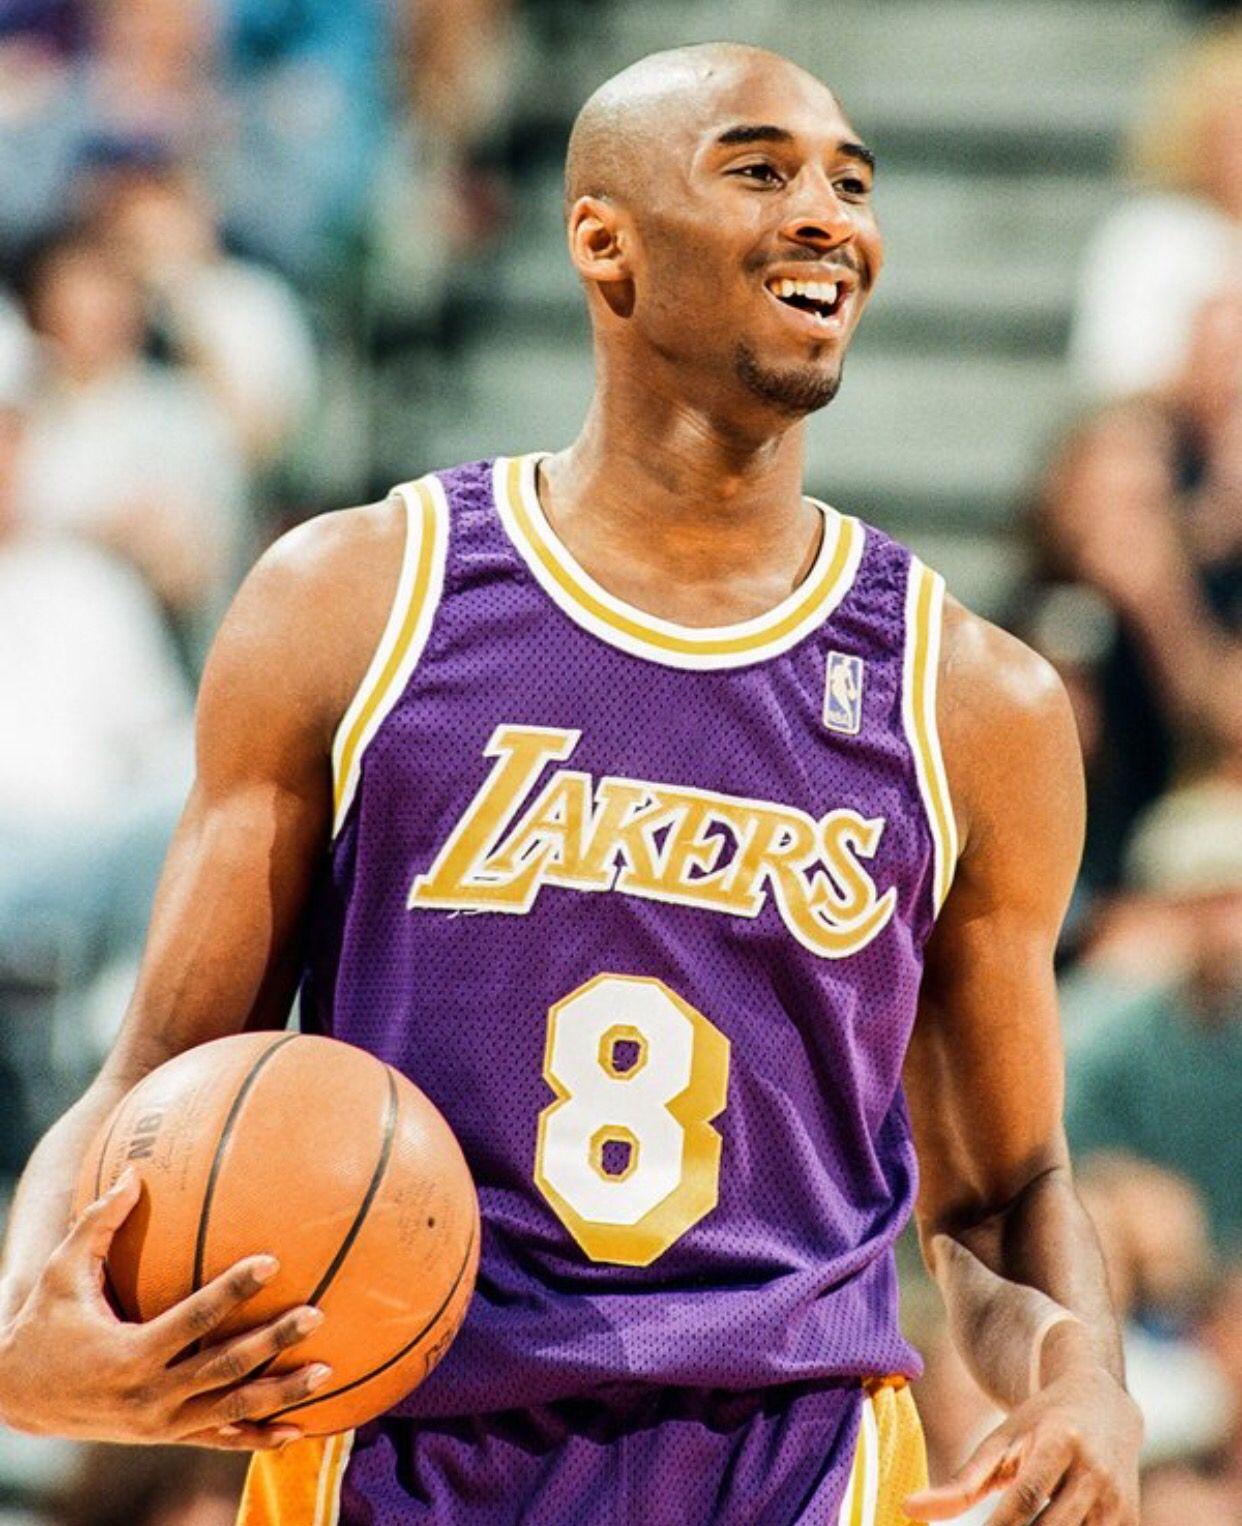 bd7887315 Kobe Bryant Young Kobe Bryant